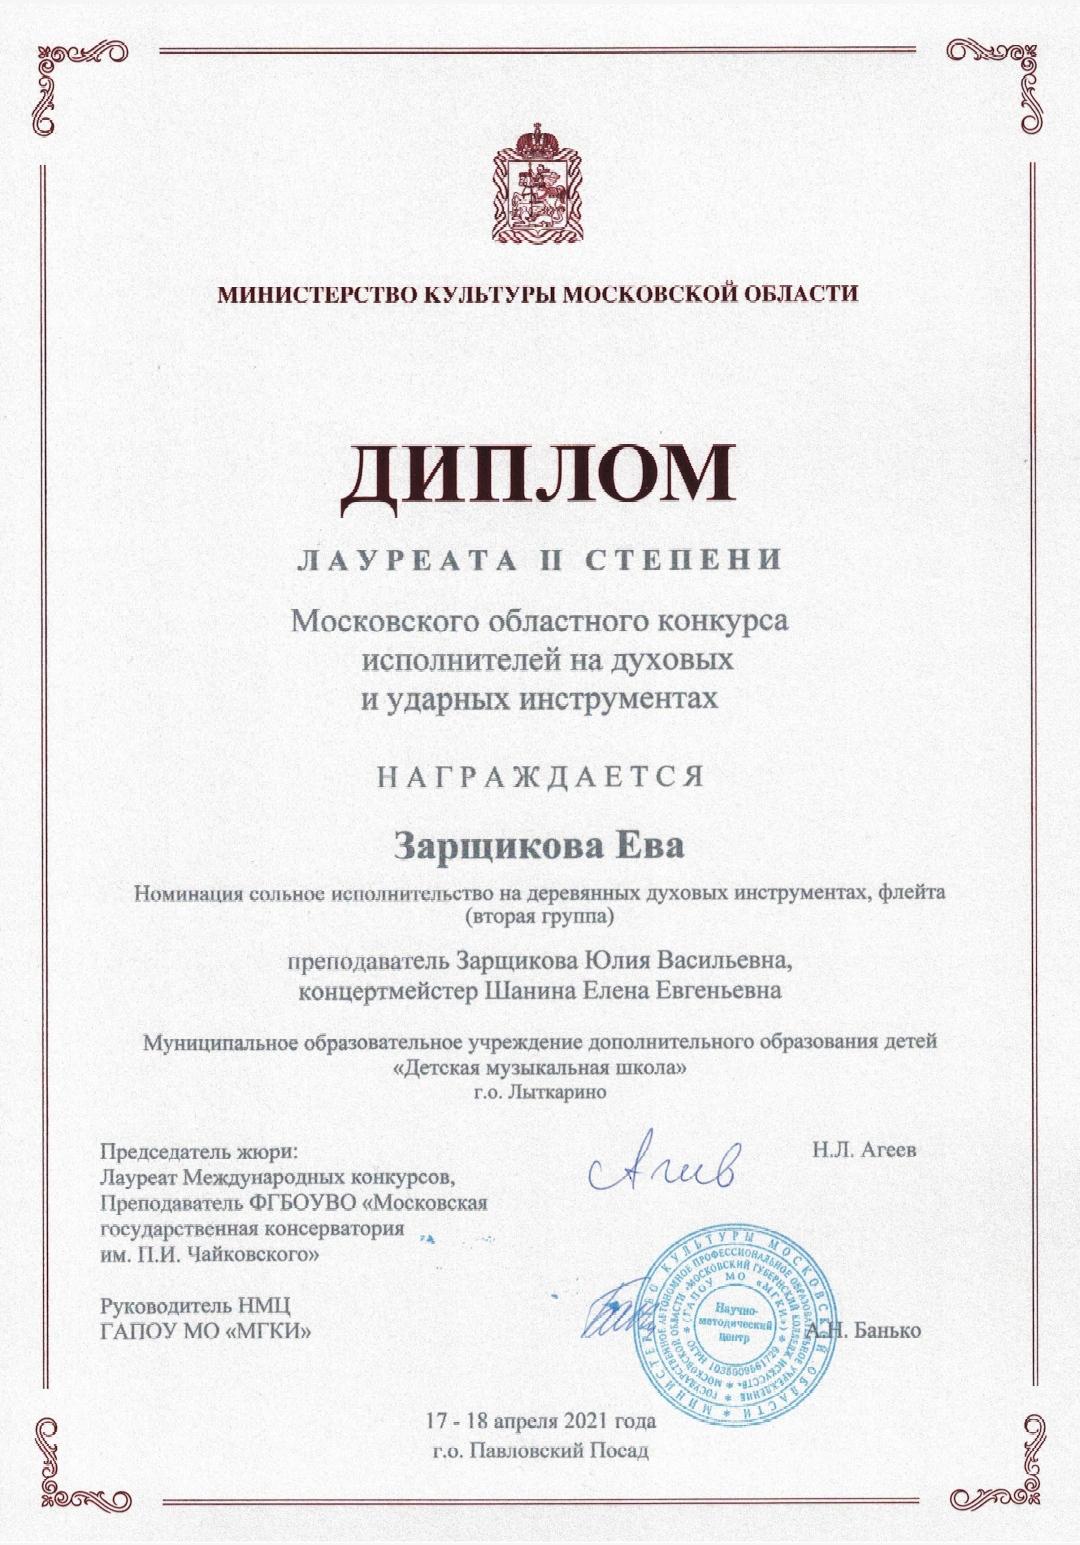 Поздравляем Лауреата II степени Московского областного конкурса исполнителей на духовых и ударных инструментах Зарщикову Еву!